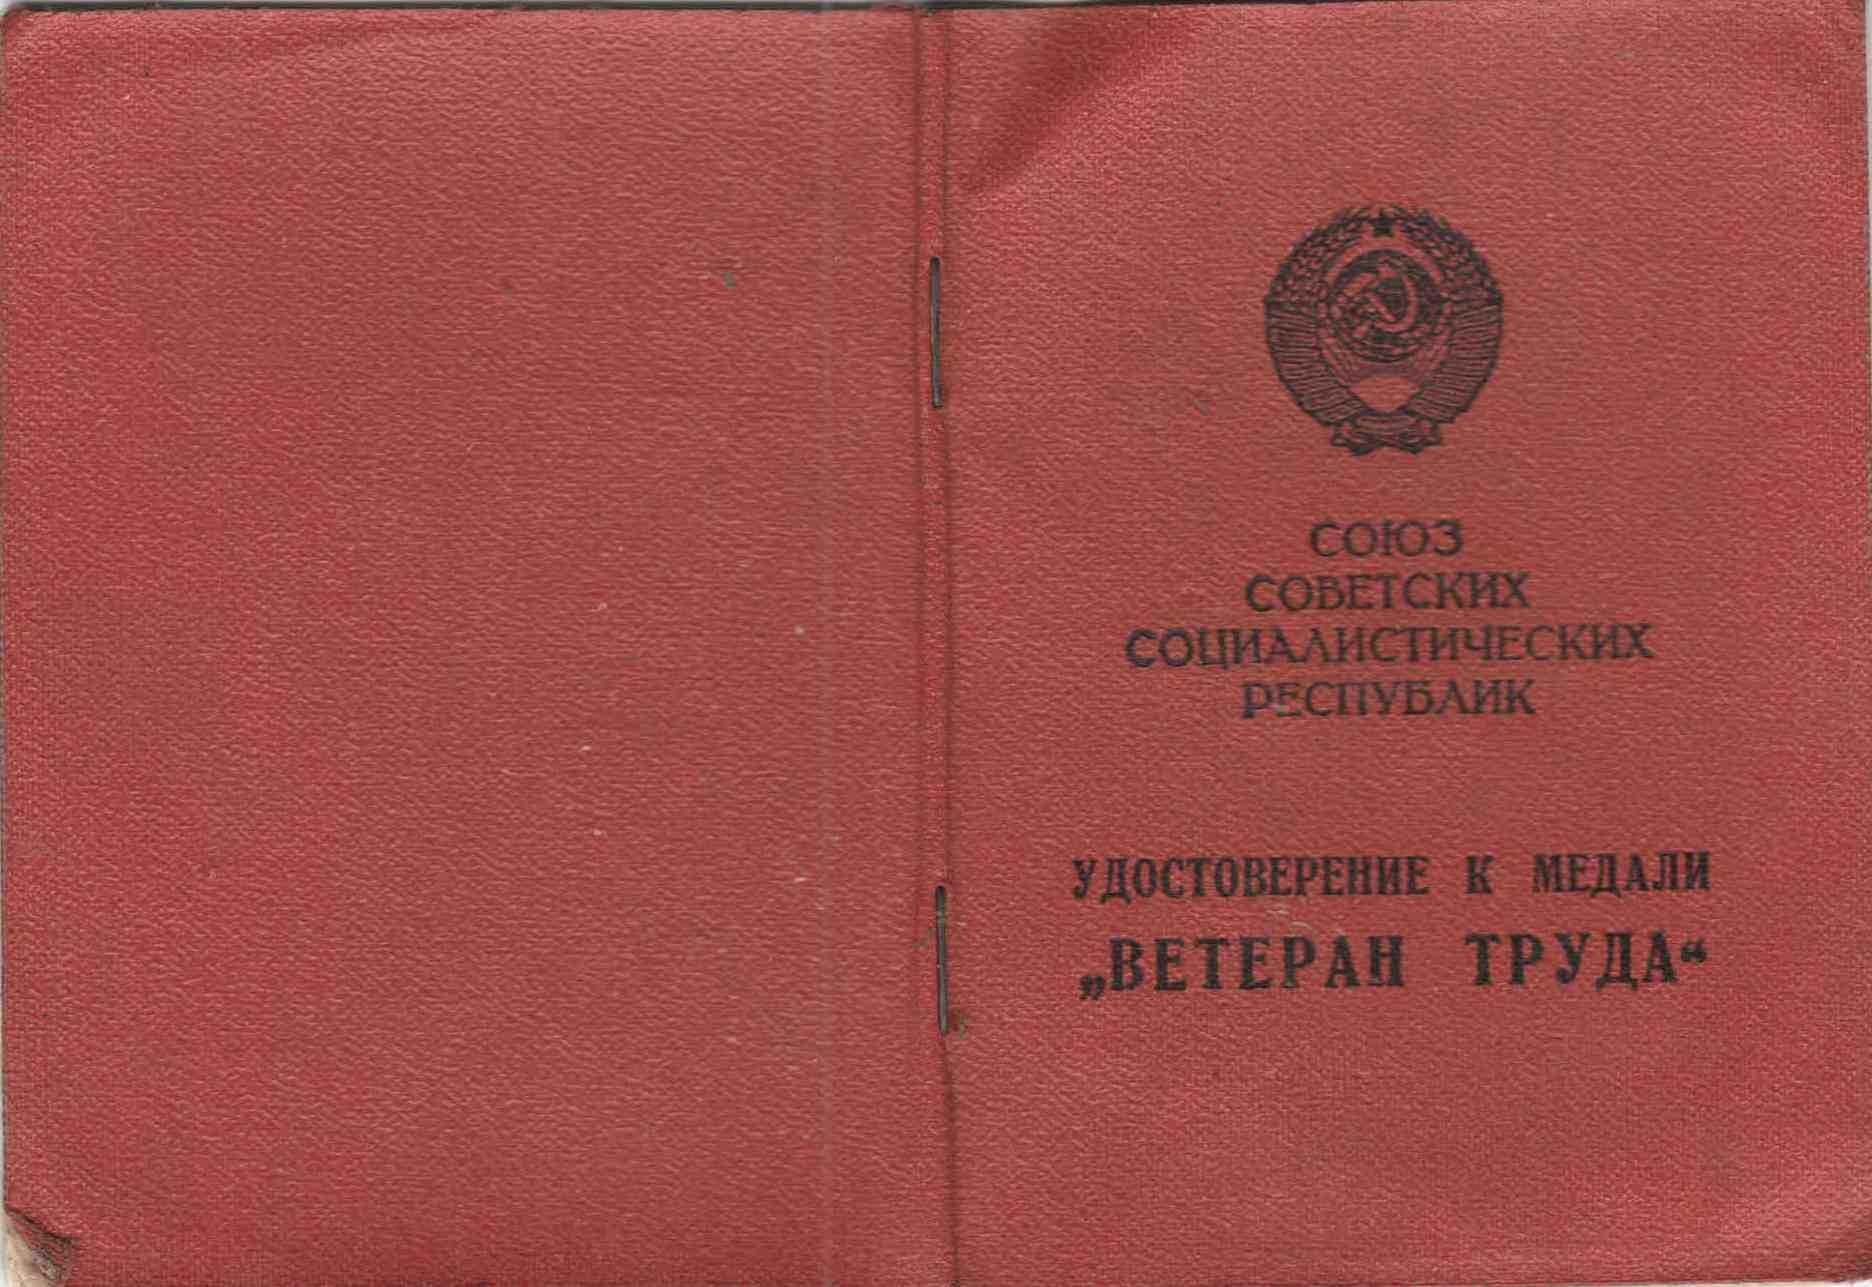 63. Удостоверение к медали Ветеран труда, 1984